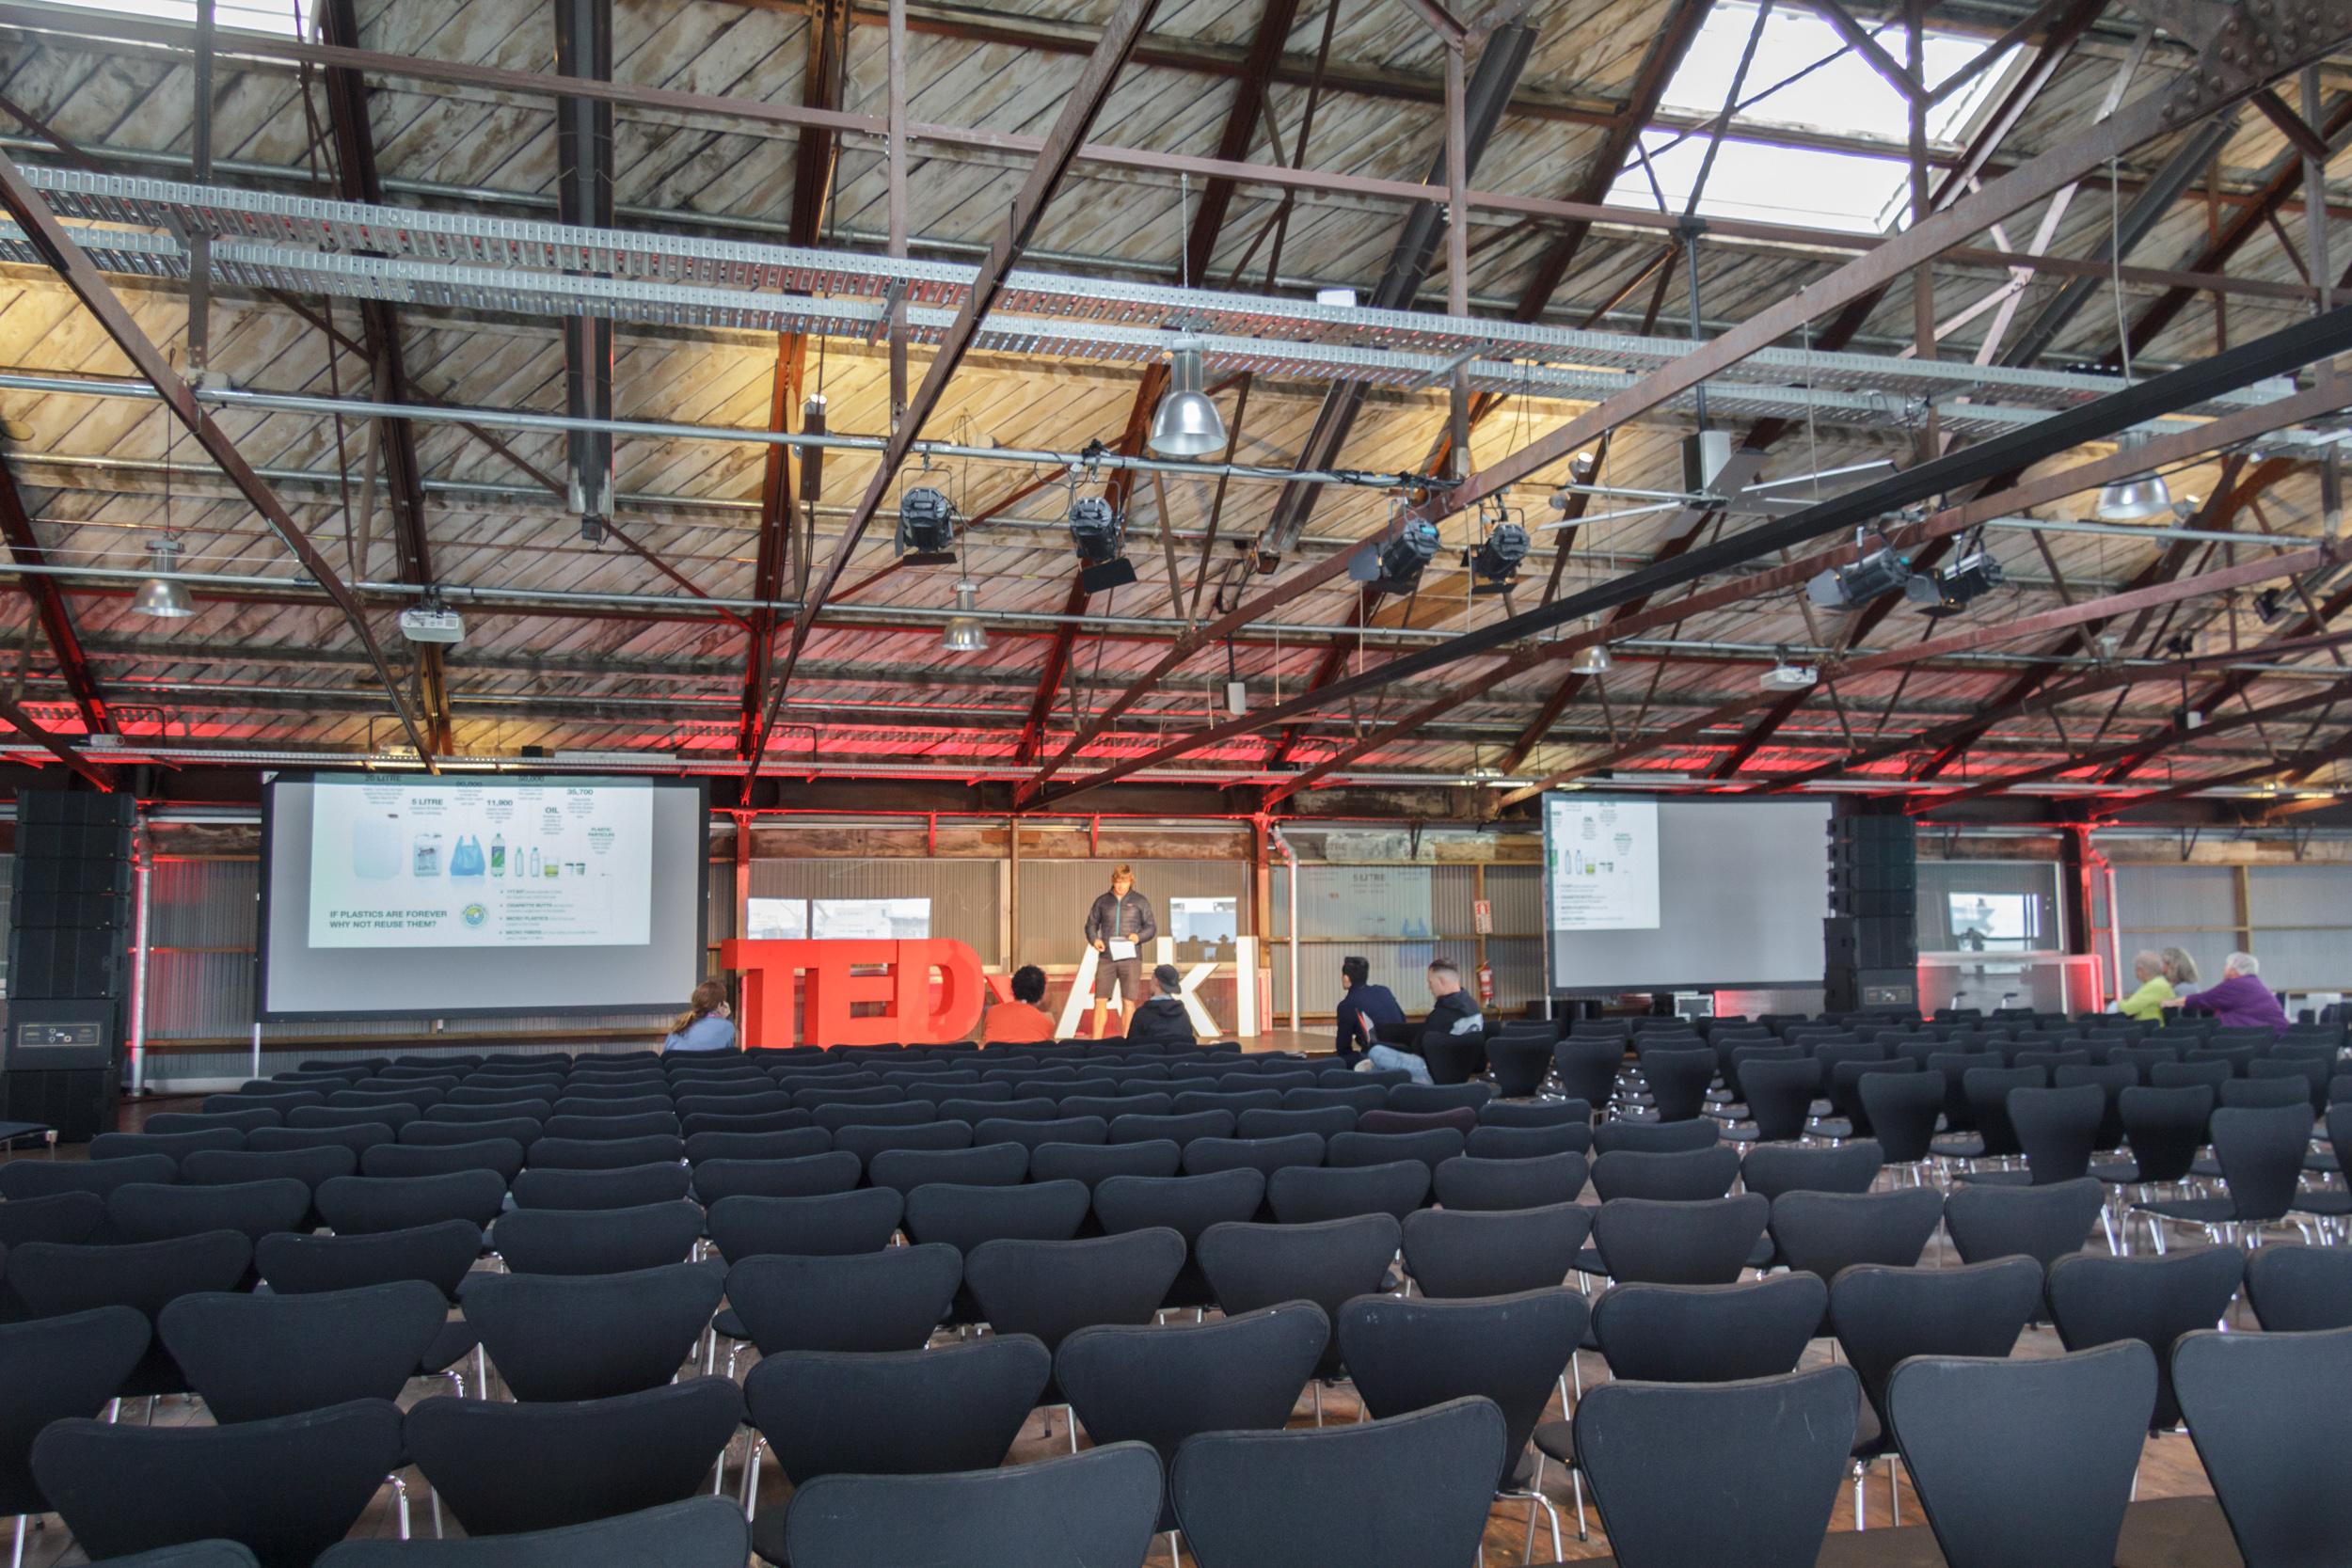 AutumnRainVisual_TedX2018_IMG_6651.jpg